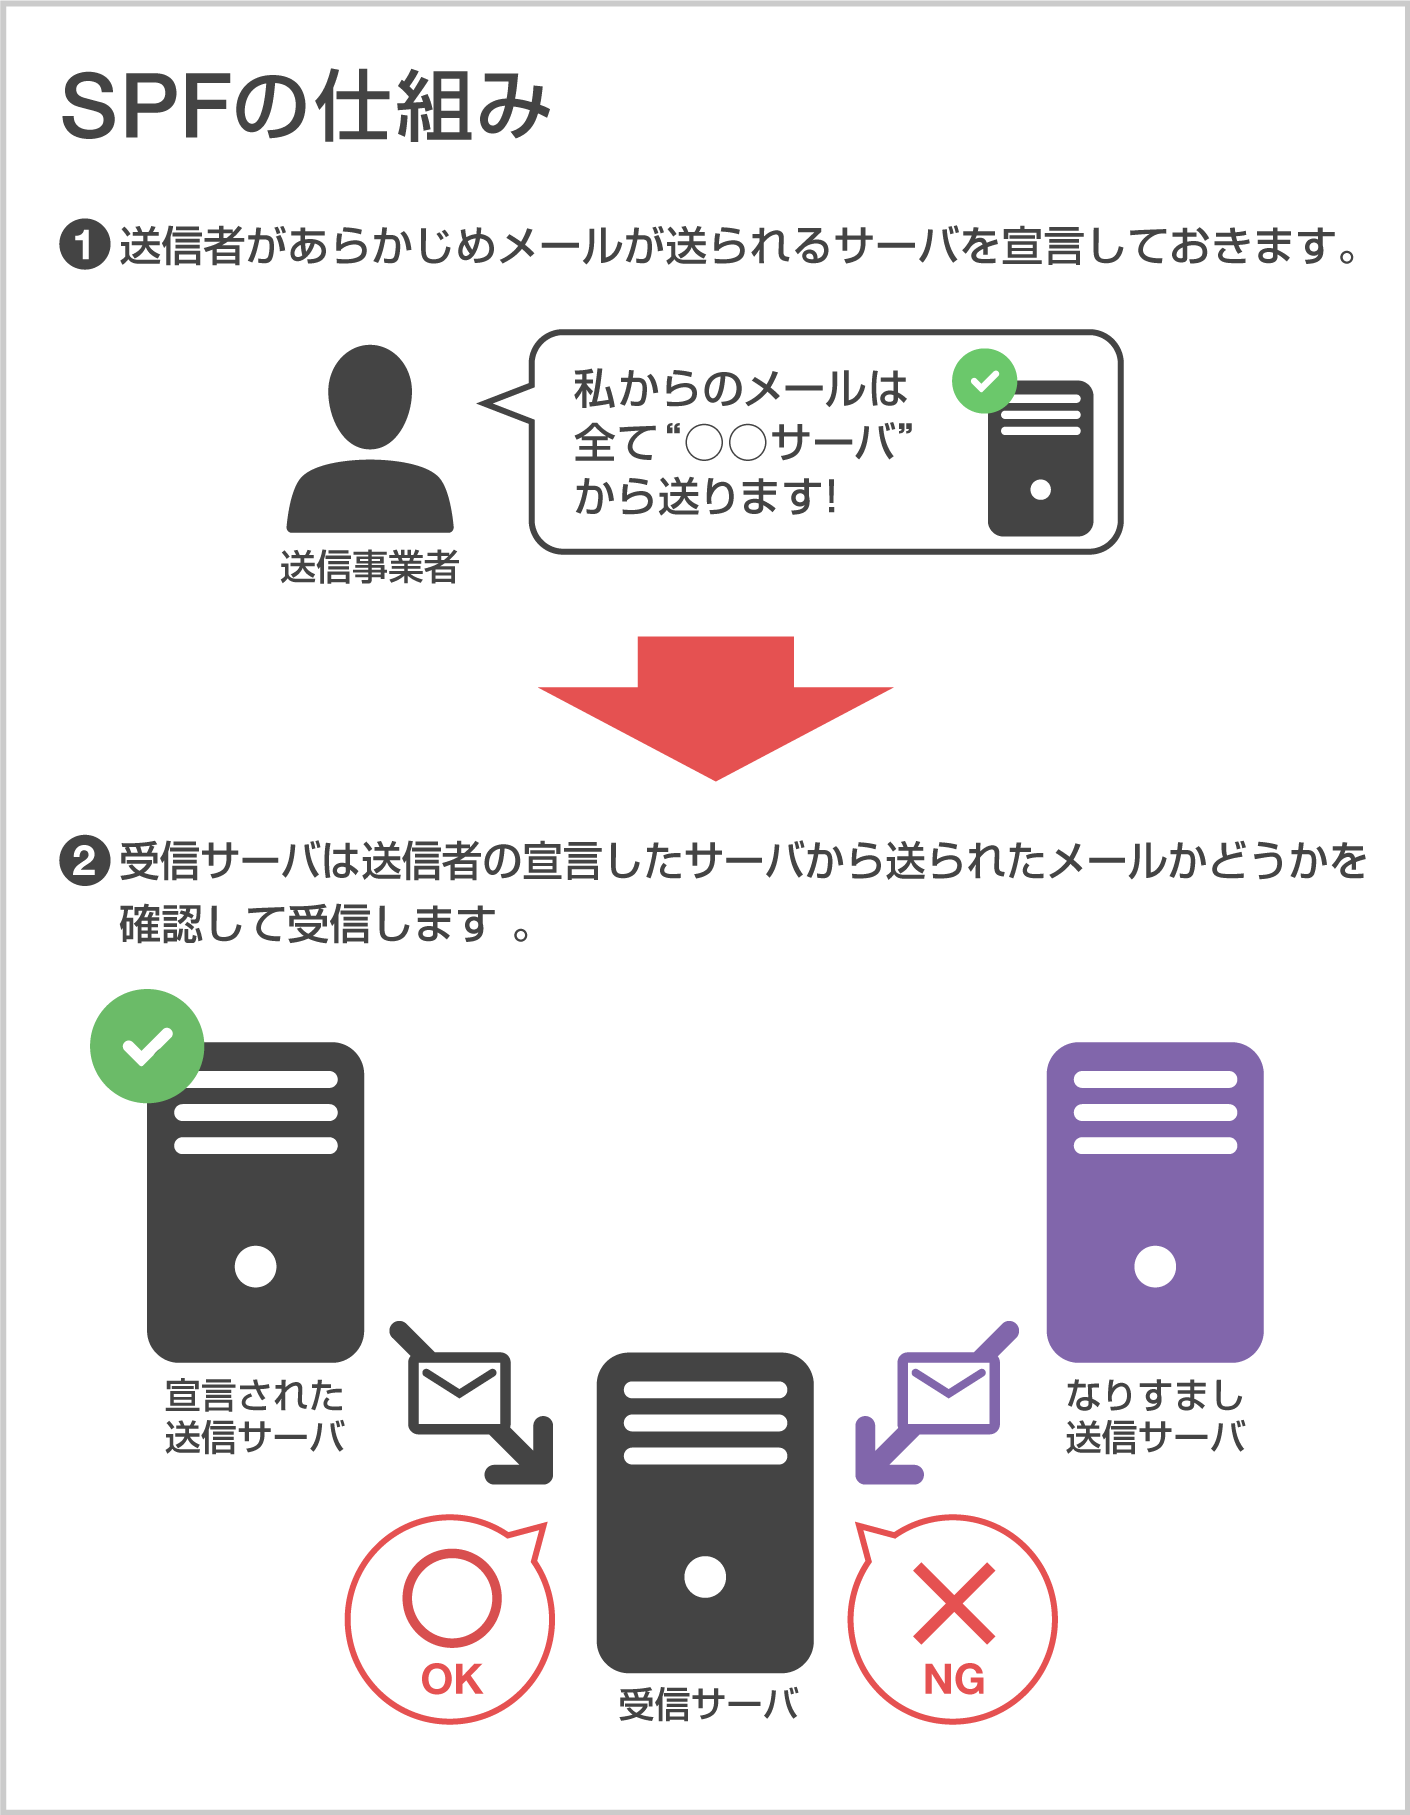 SPFの仕組みイメージ図